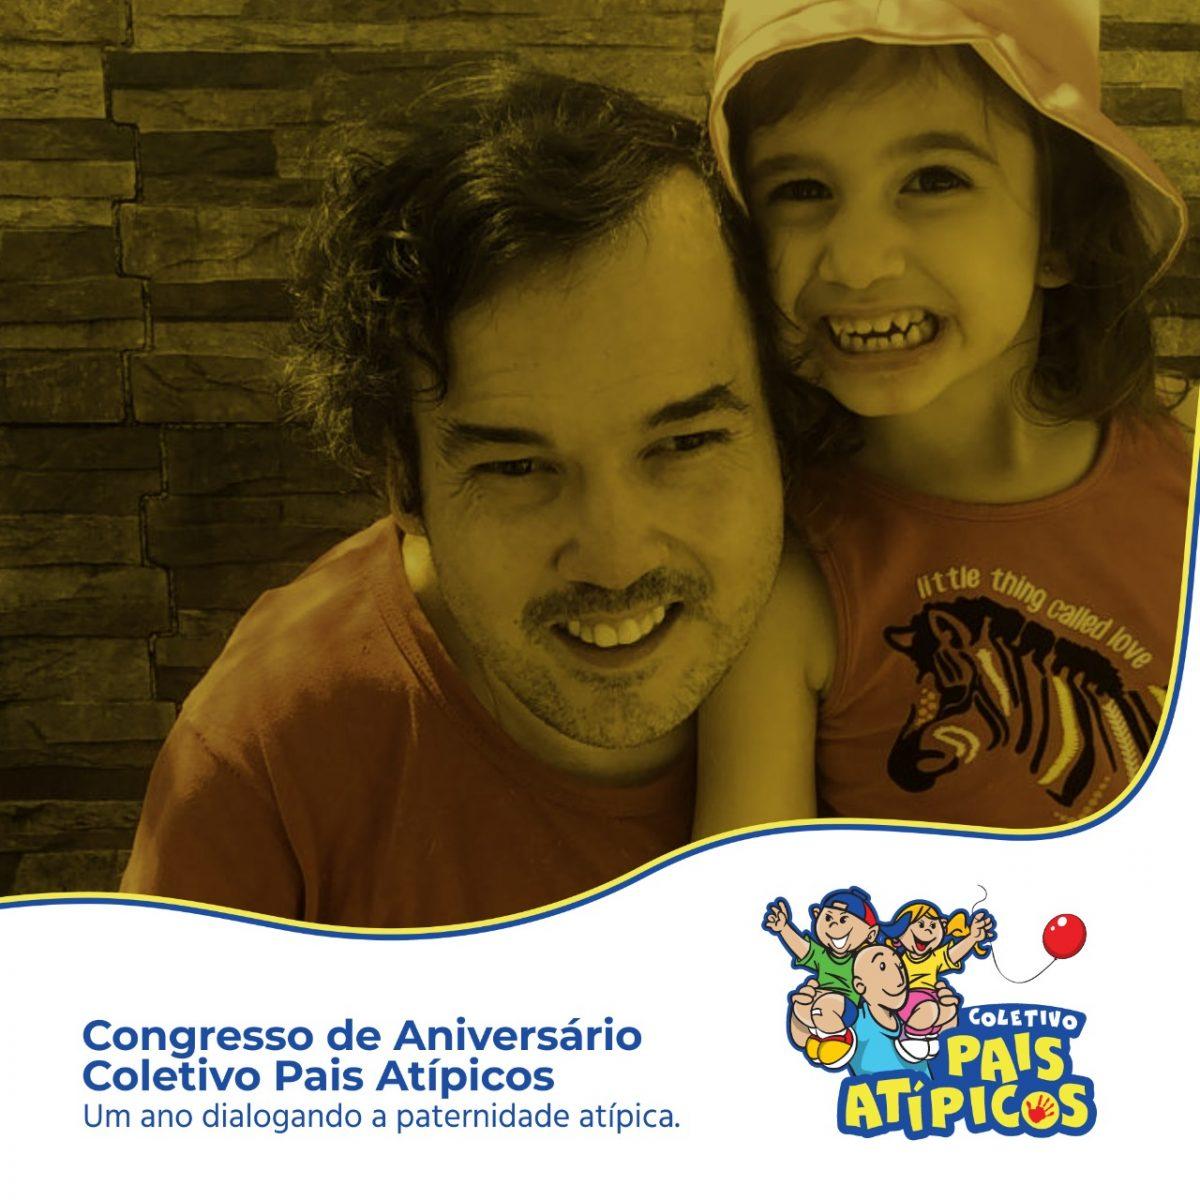 WhatsApp Image 2021 07 29 at 13.32.03 scaled - PATERNIDADE + INCLUSÃO X DIÁLOGOS = COLETIVO PAIS ATÍPICOS